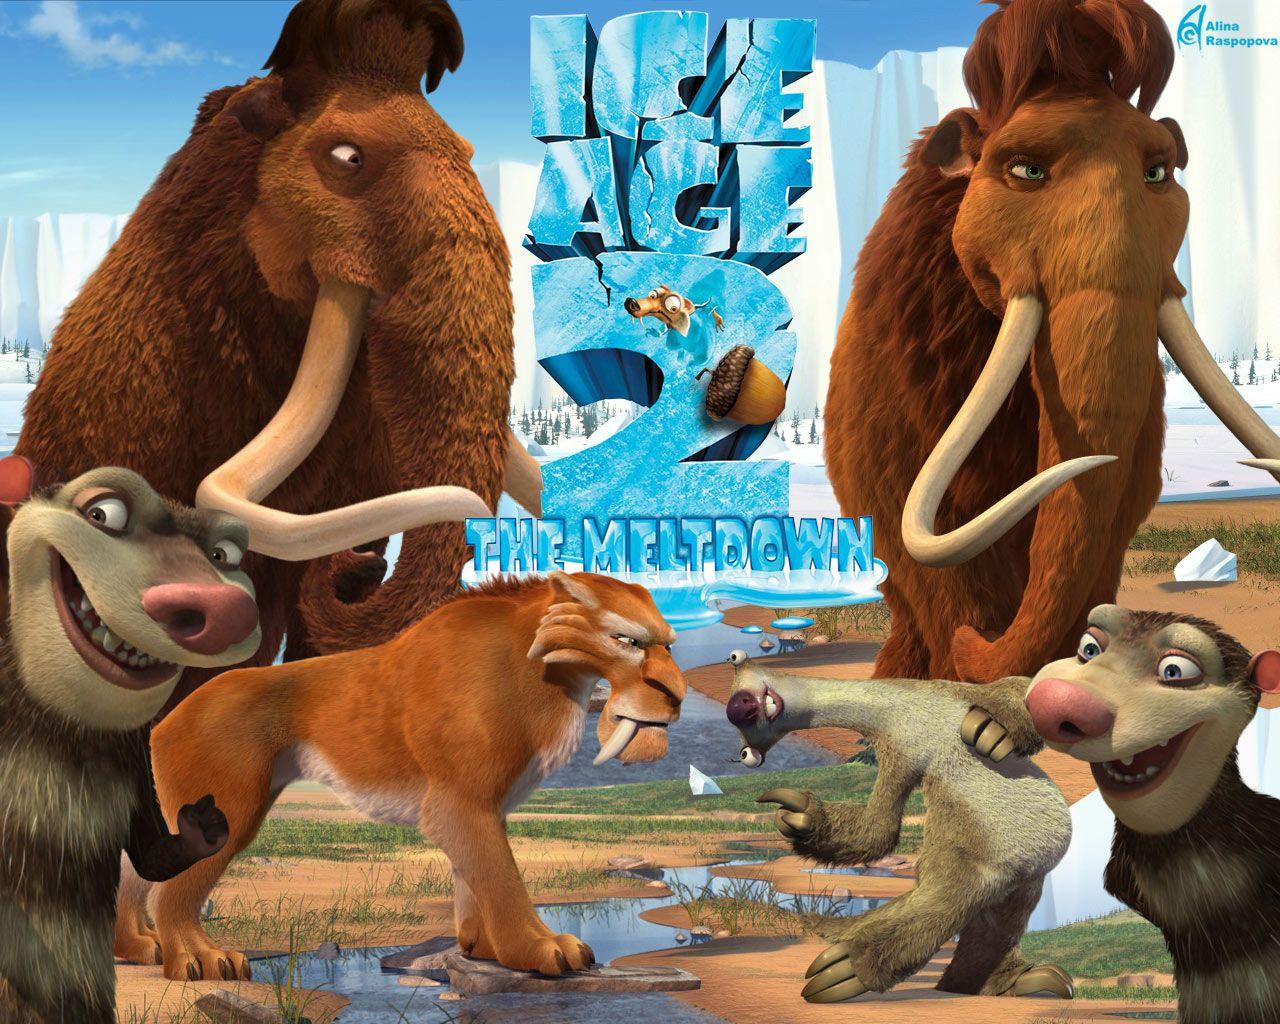 La-era-del-hielo-4 (1)   Cartoons   Pinterest   Hielo, La era del ...